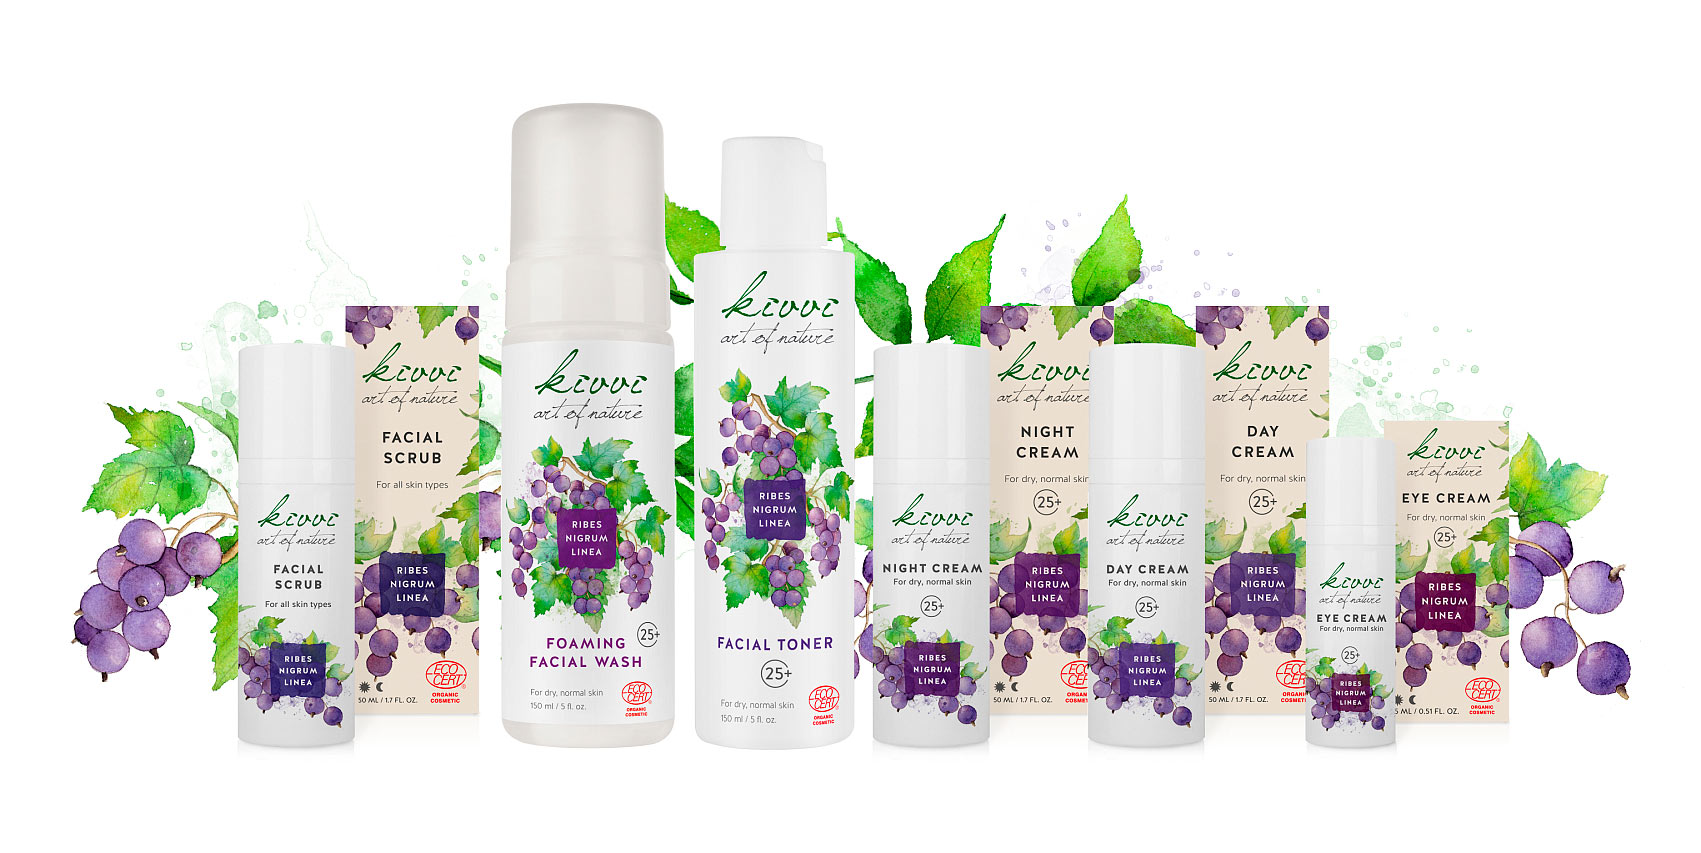 Aubrey Organics kaikki tuotteet sopivat naisille miehille ja lapsille